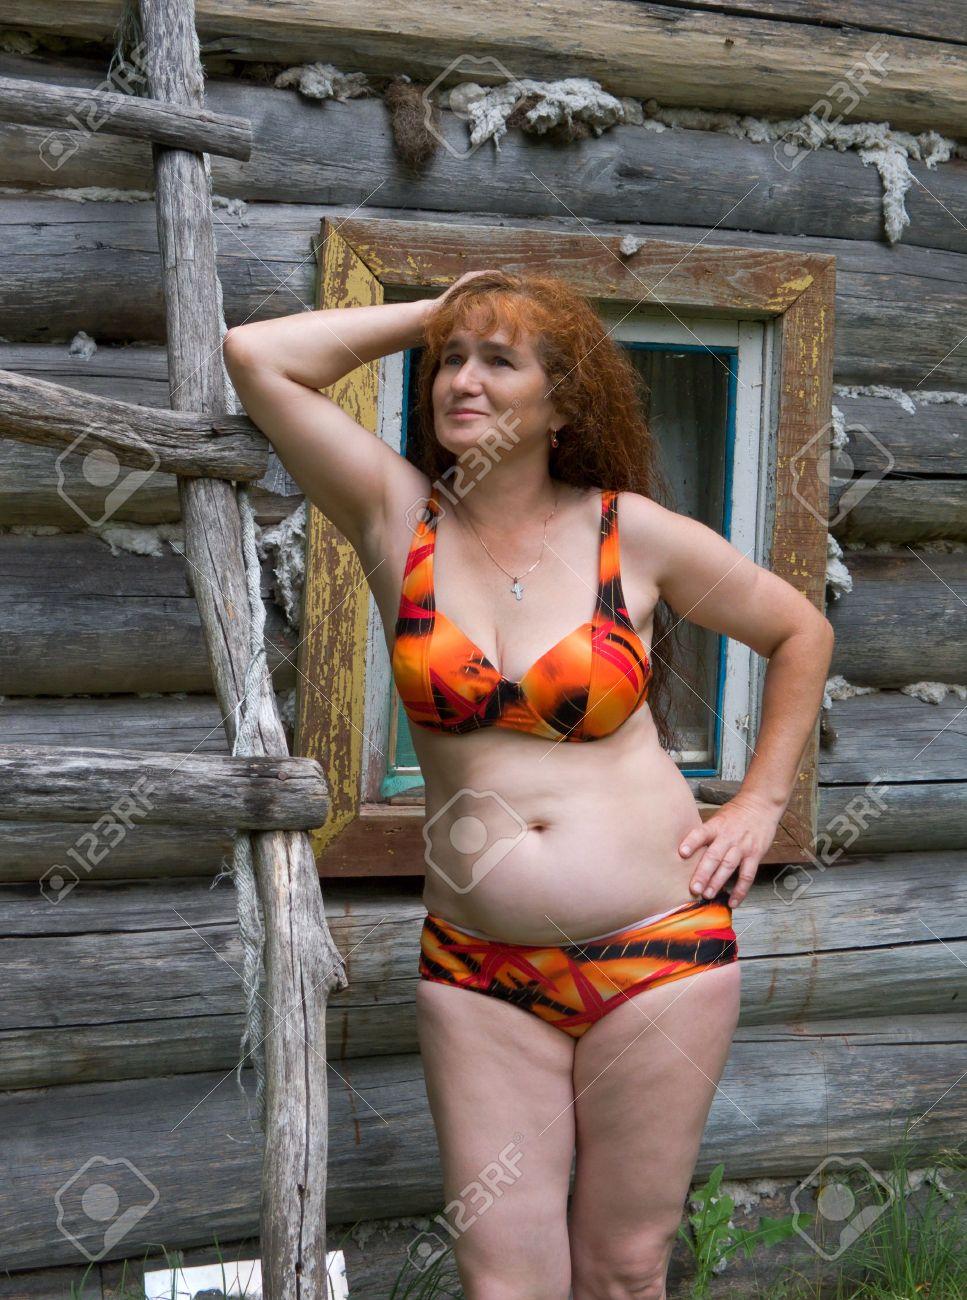 Bikini Russian Singles With